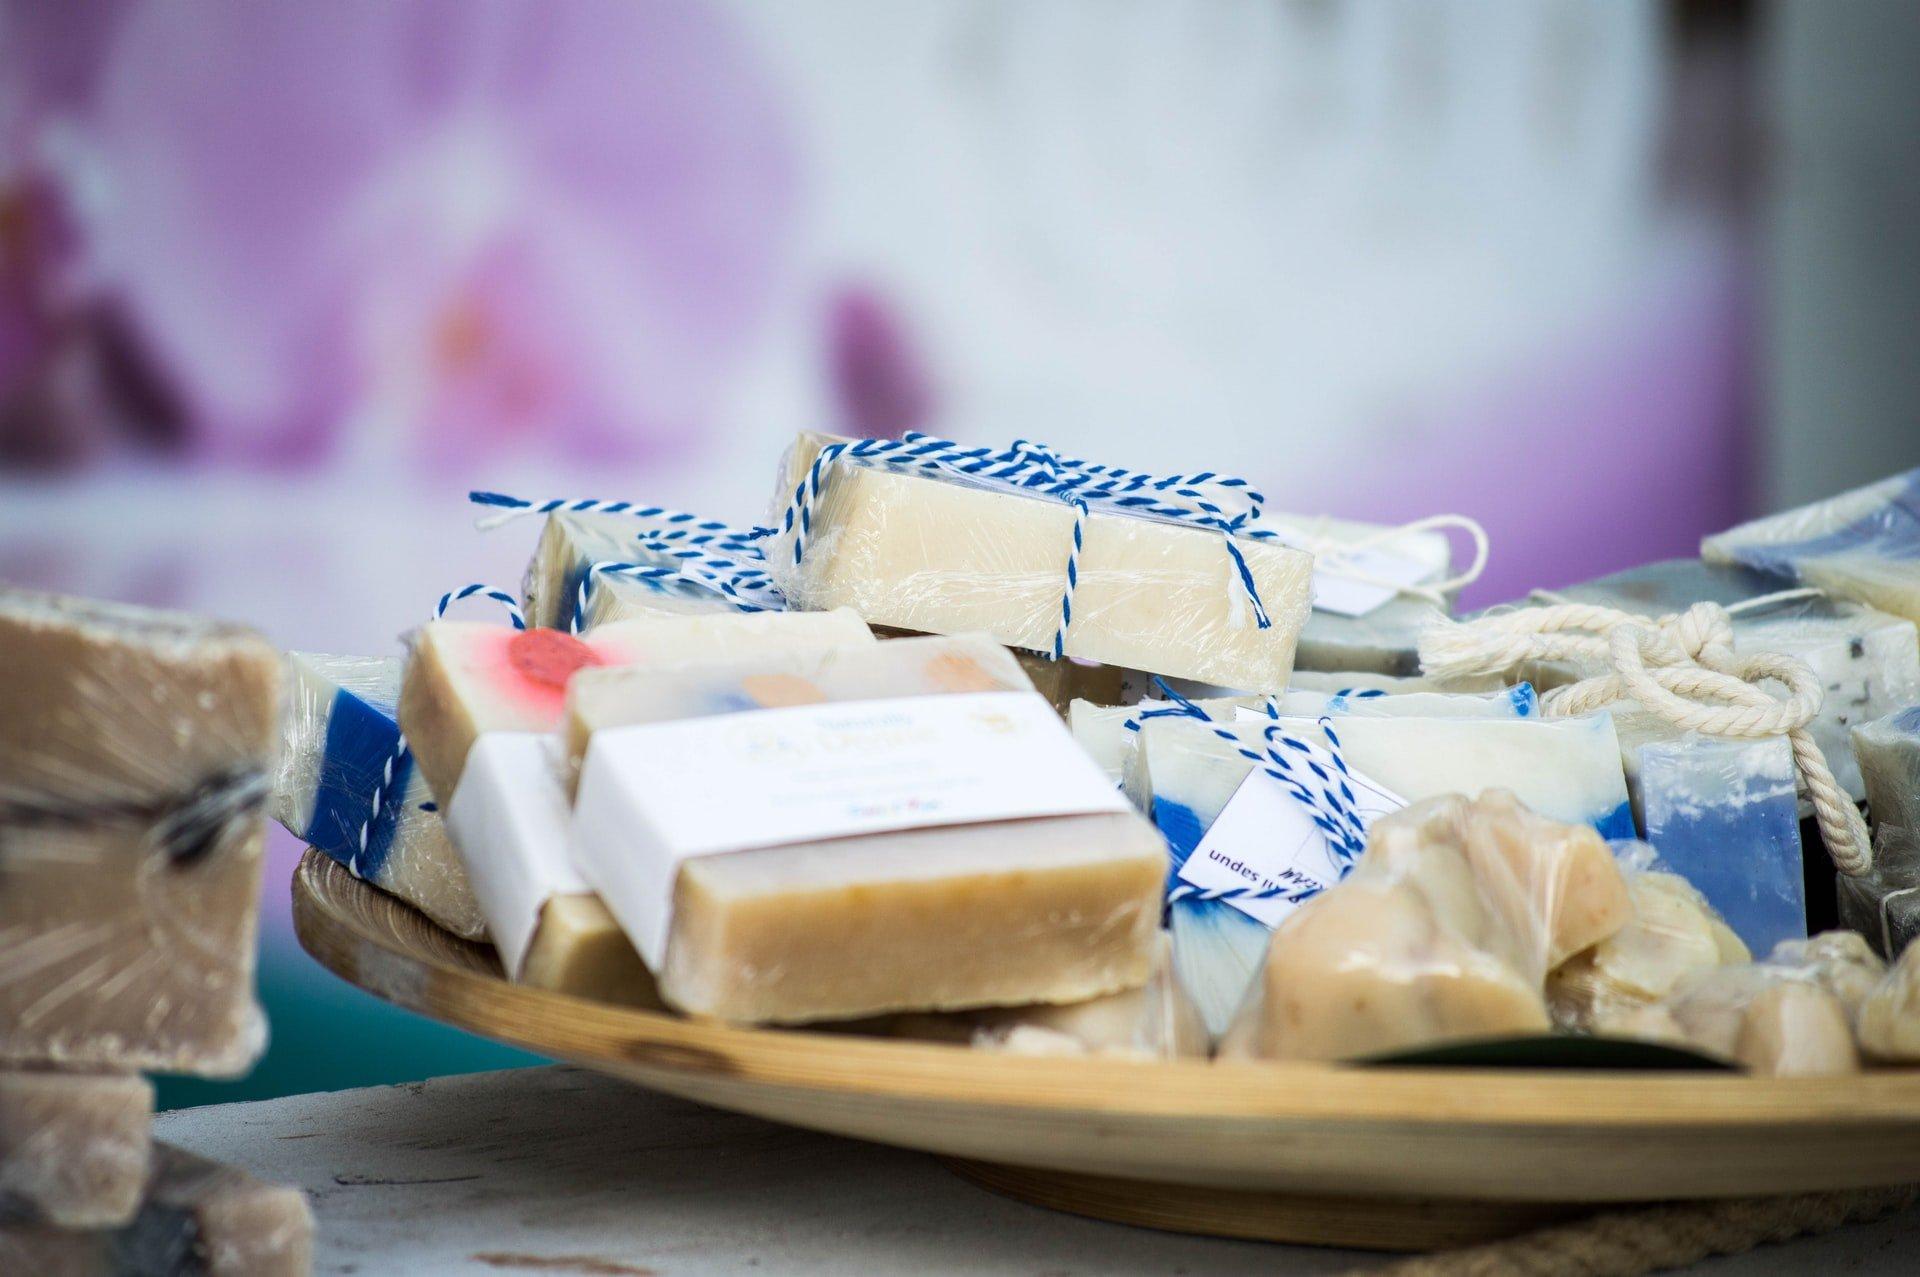 saponi prodotti a mano, autoproduzione